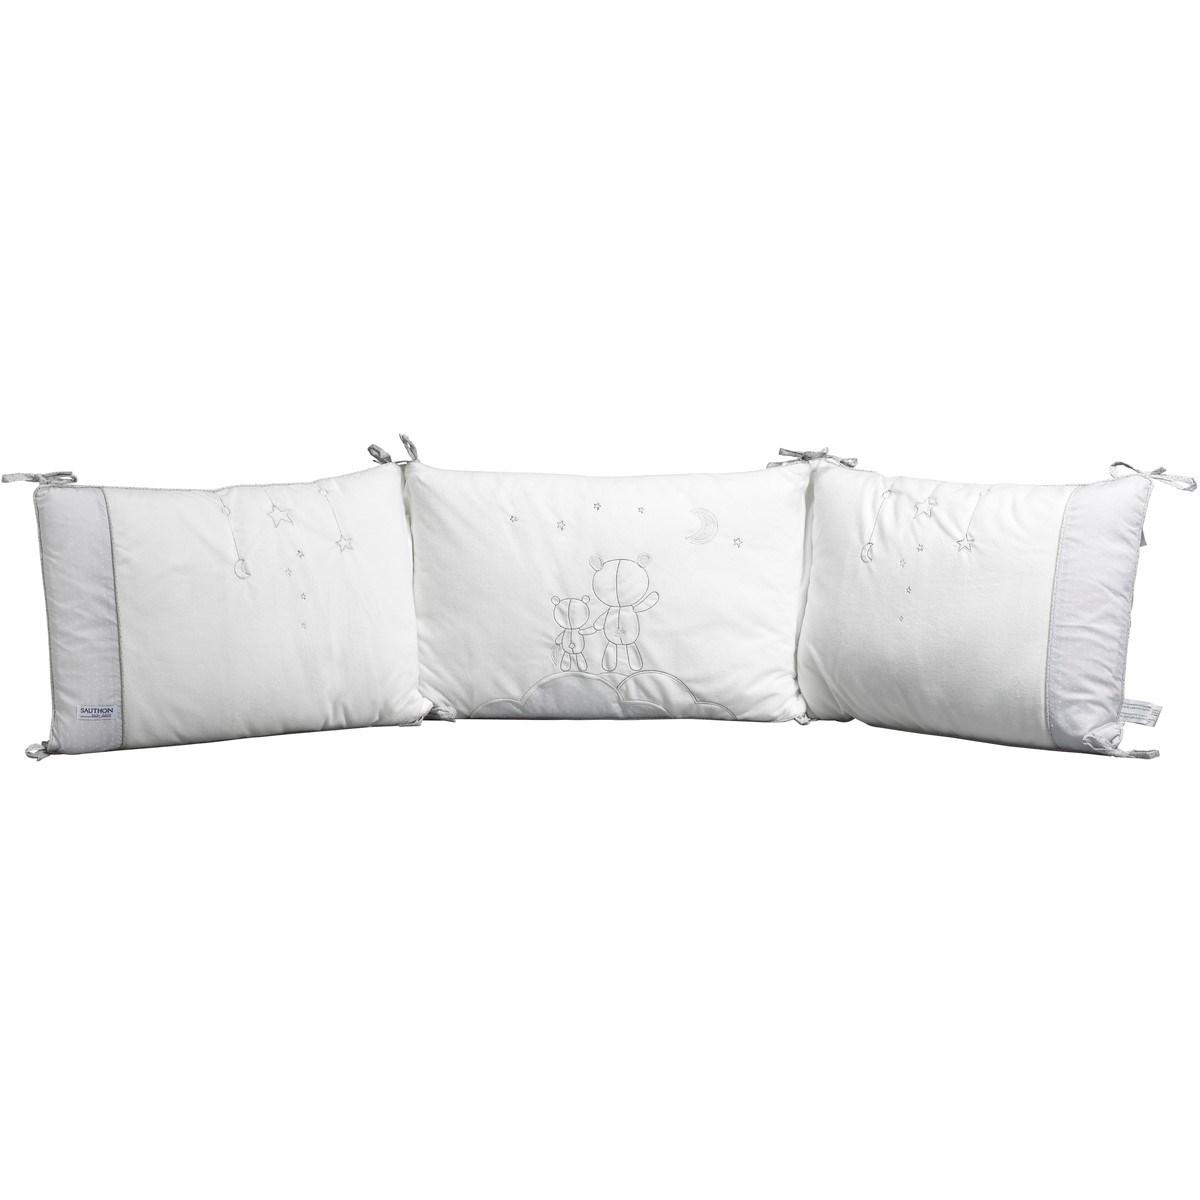 Tour de lit déhoussable en coton polyurethane blanc